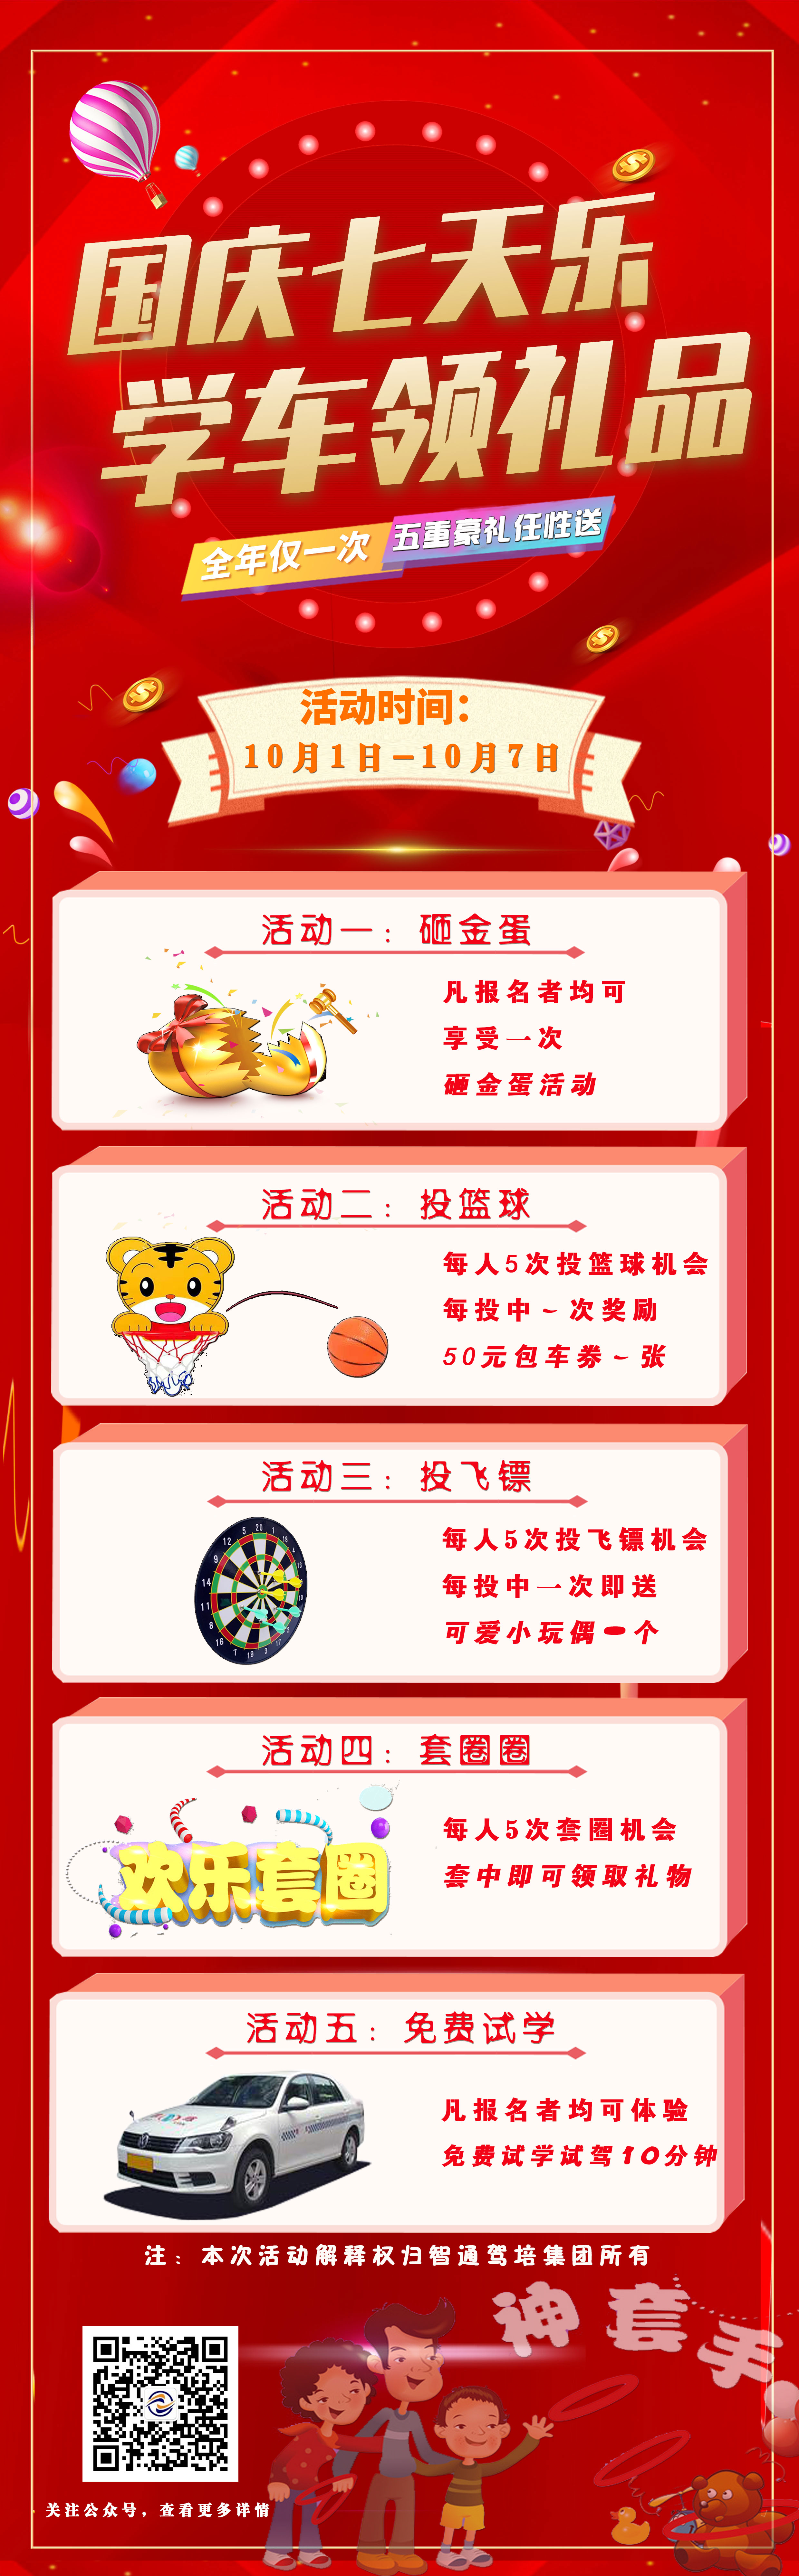 智通驾校国庆节活动